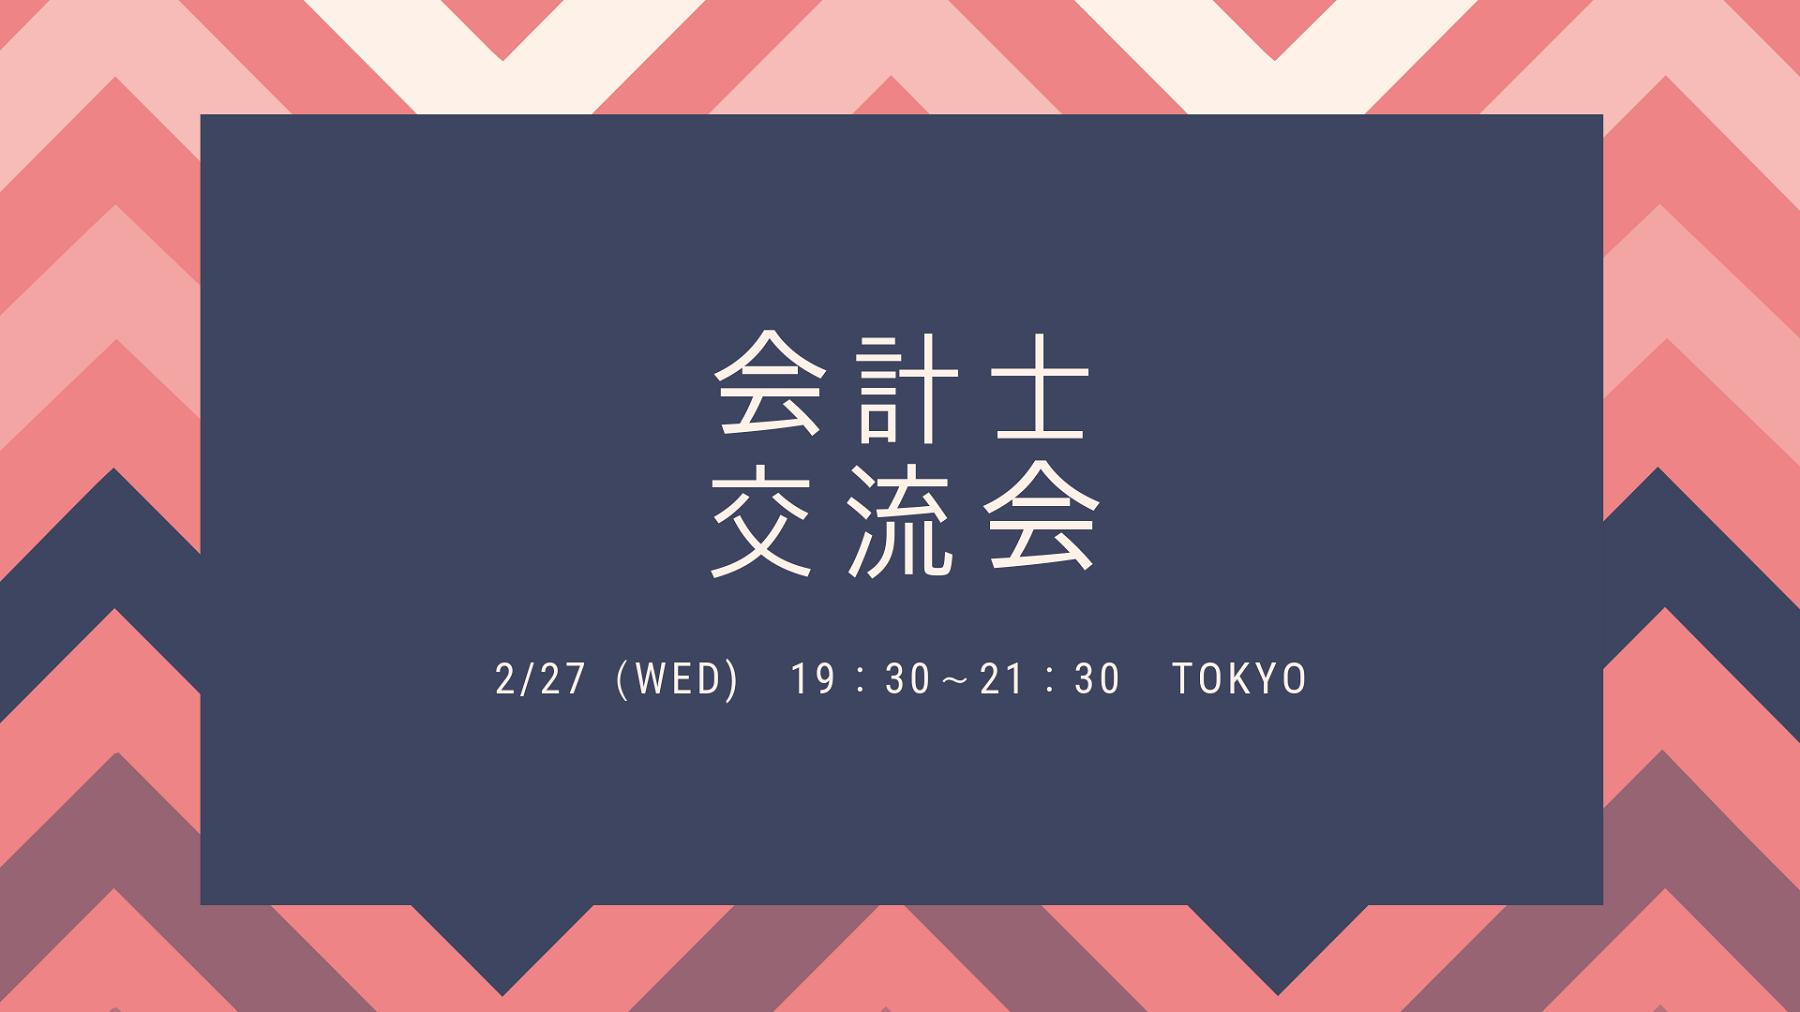 【2月27日開催】会計士交流会